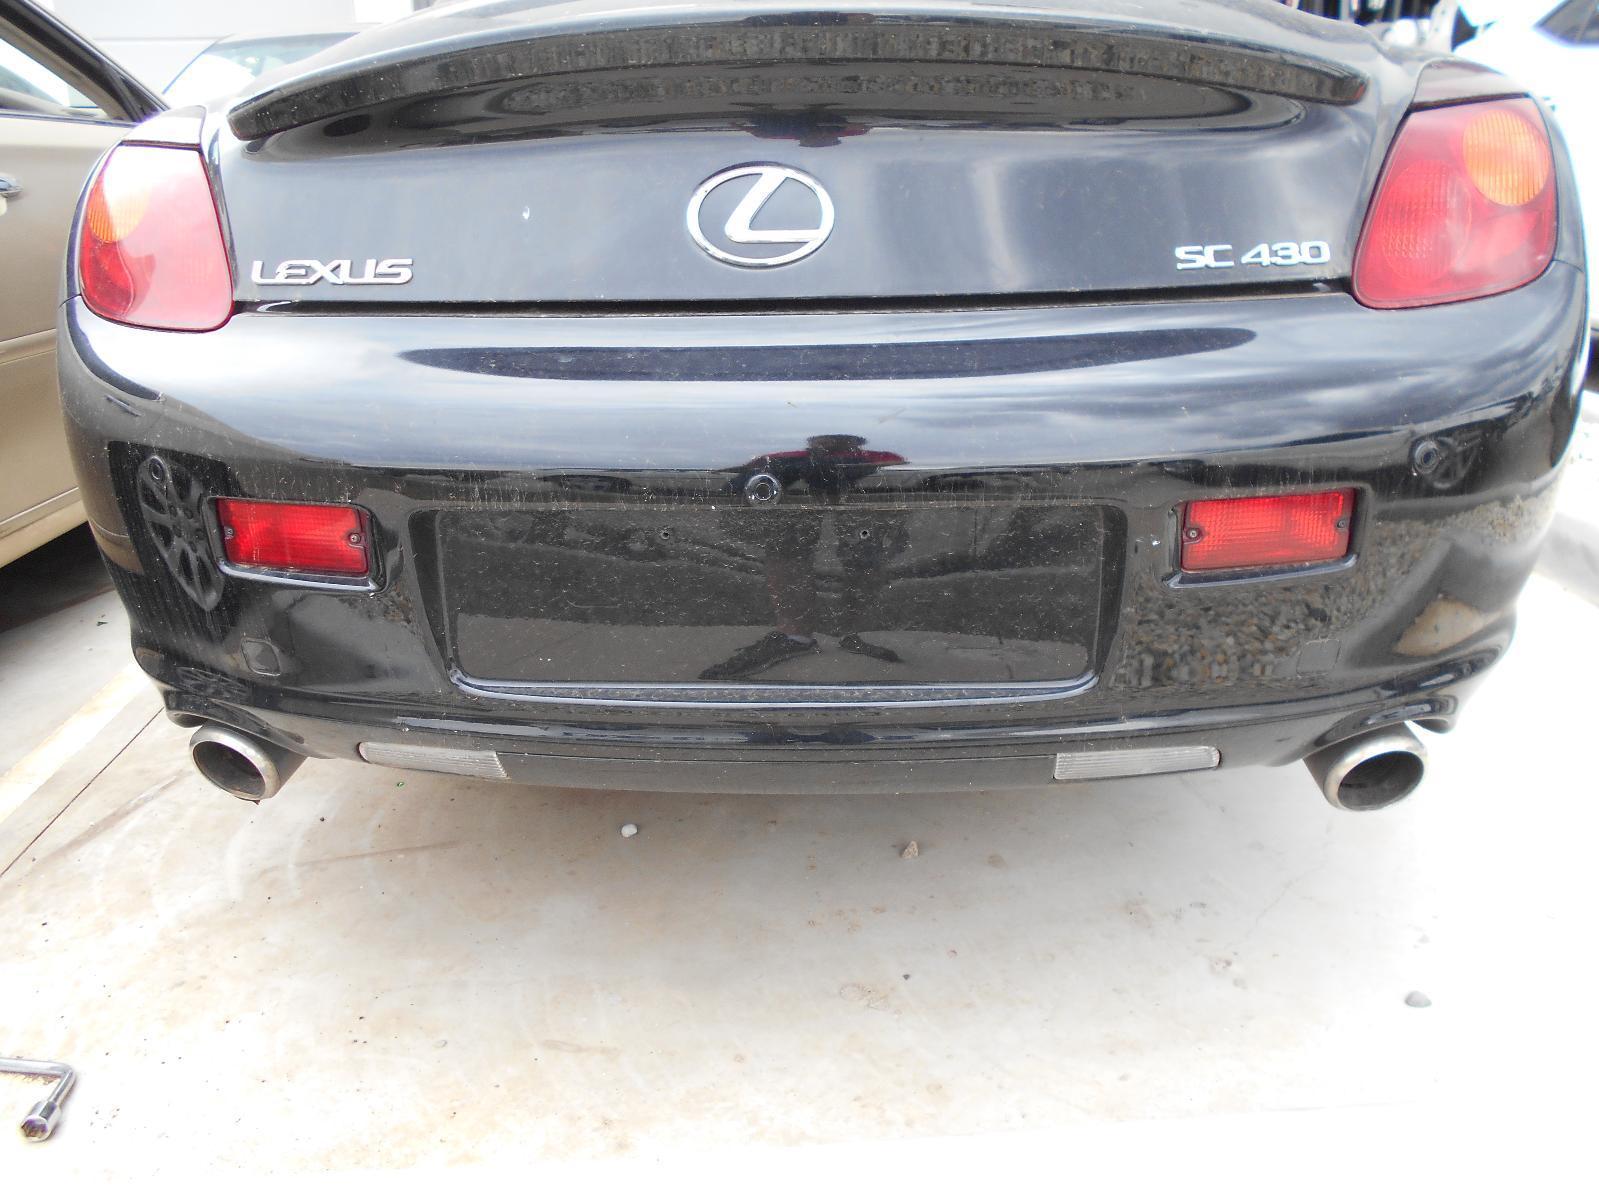 LEXUS SC430, Rear Bumper, UZZ40R, 10/01-08/10